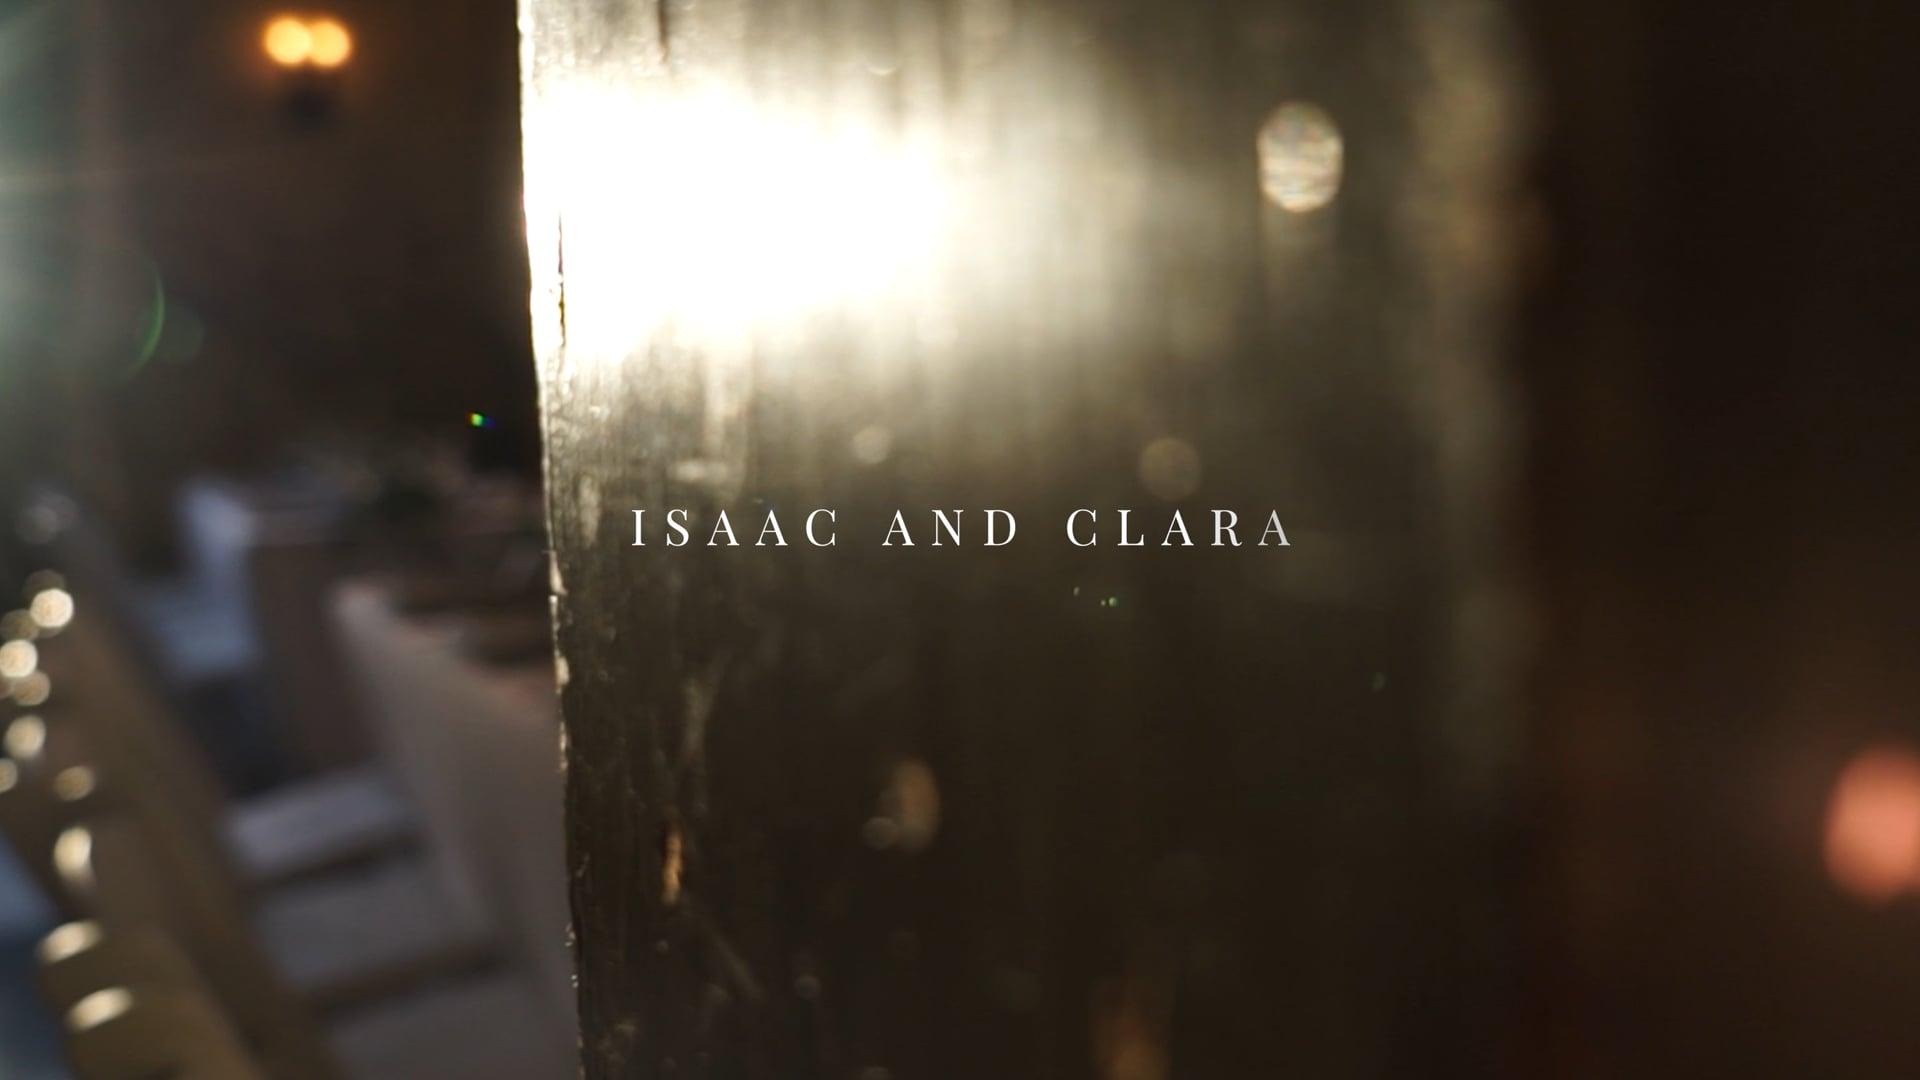 Isaac and Clara